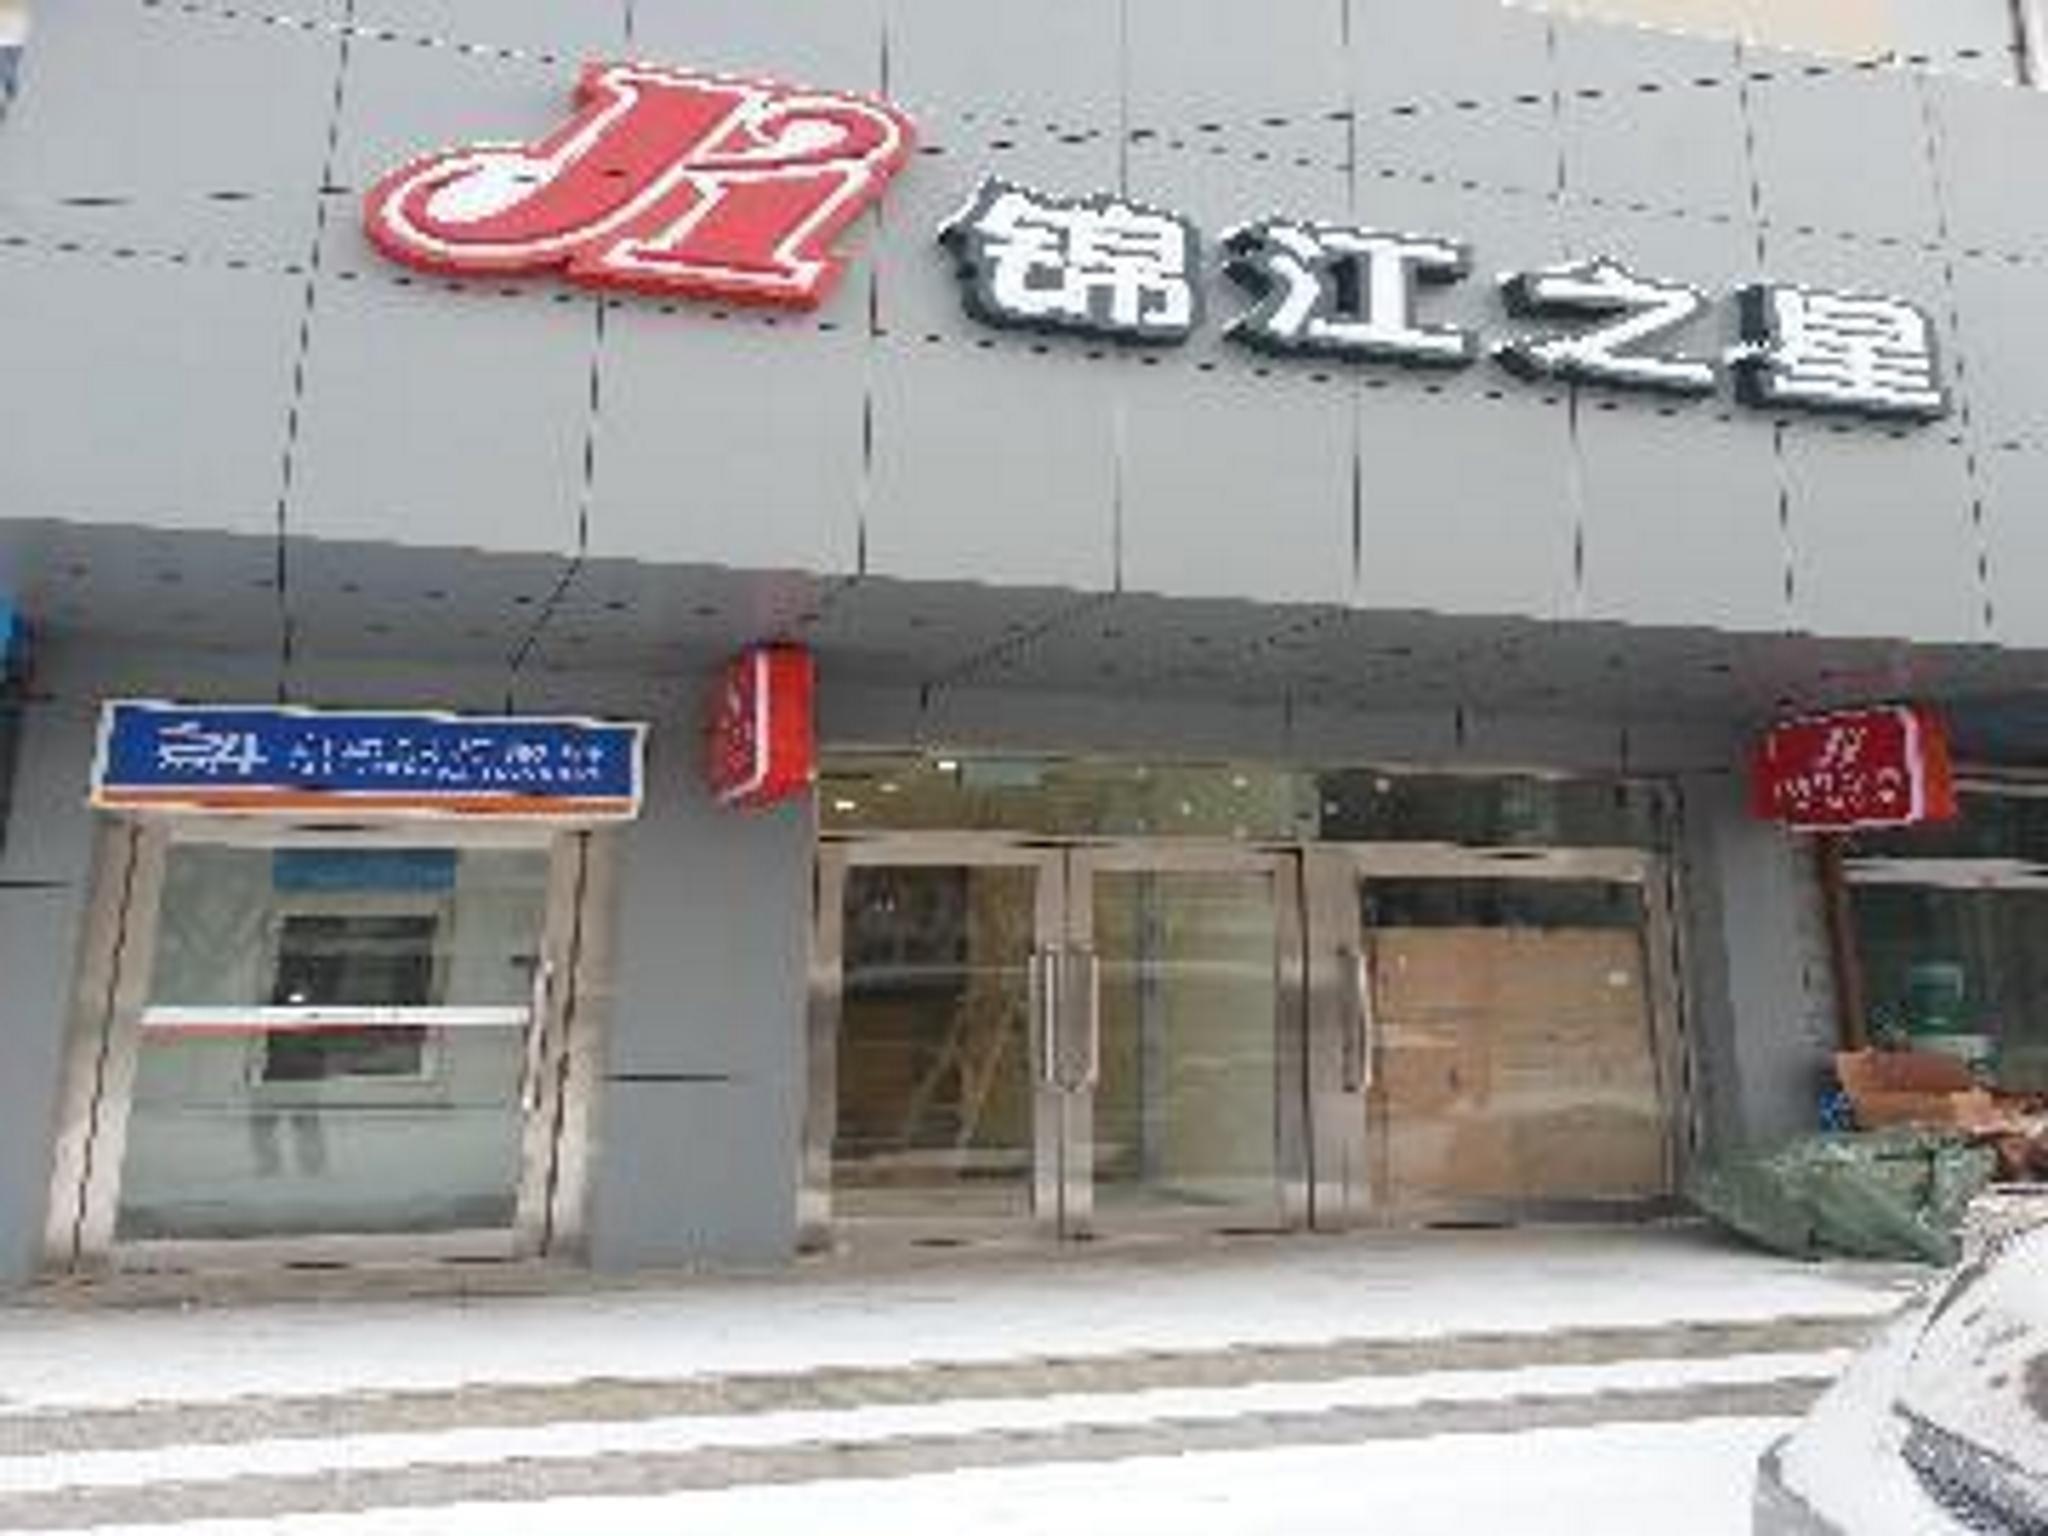 Jinjinang Inn Fuxin 318 Park Branch Fuxin China Great